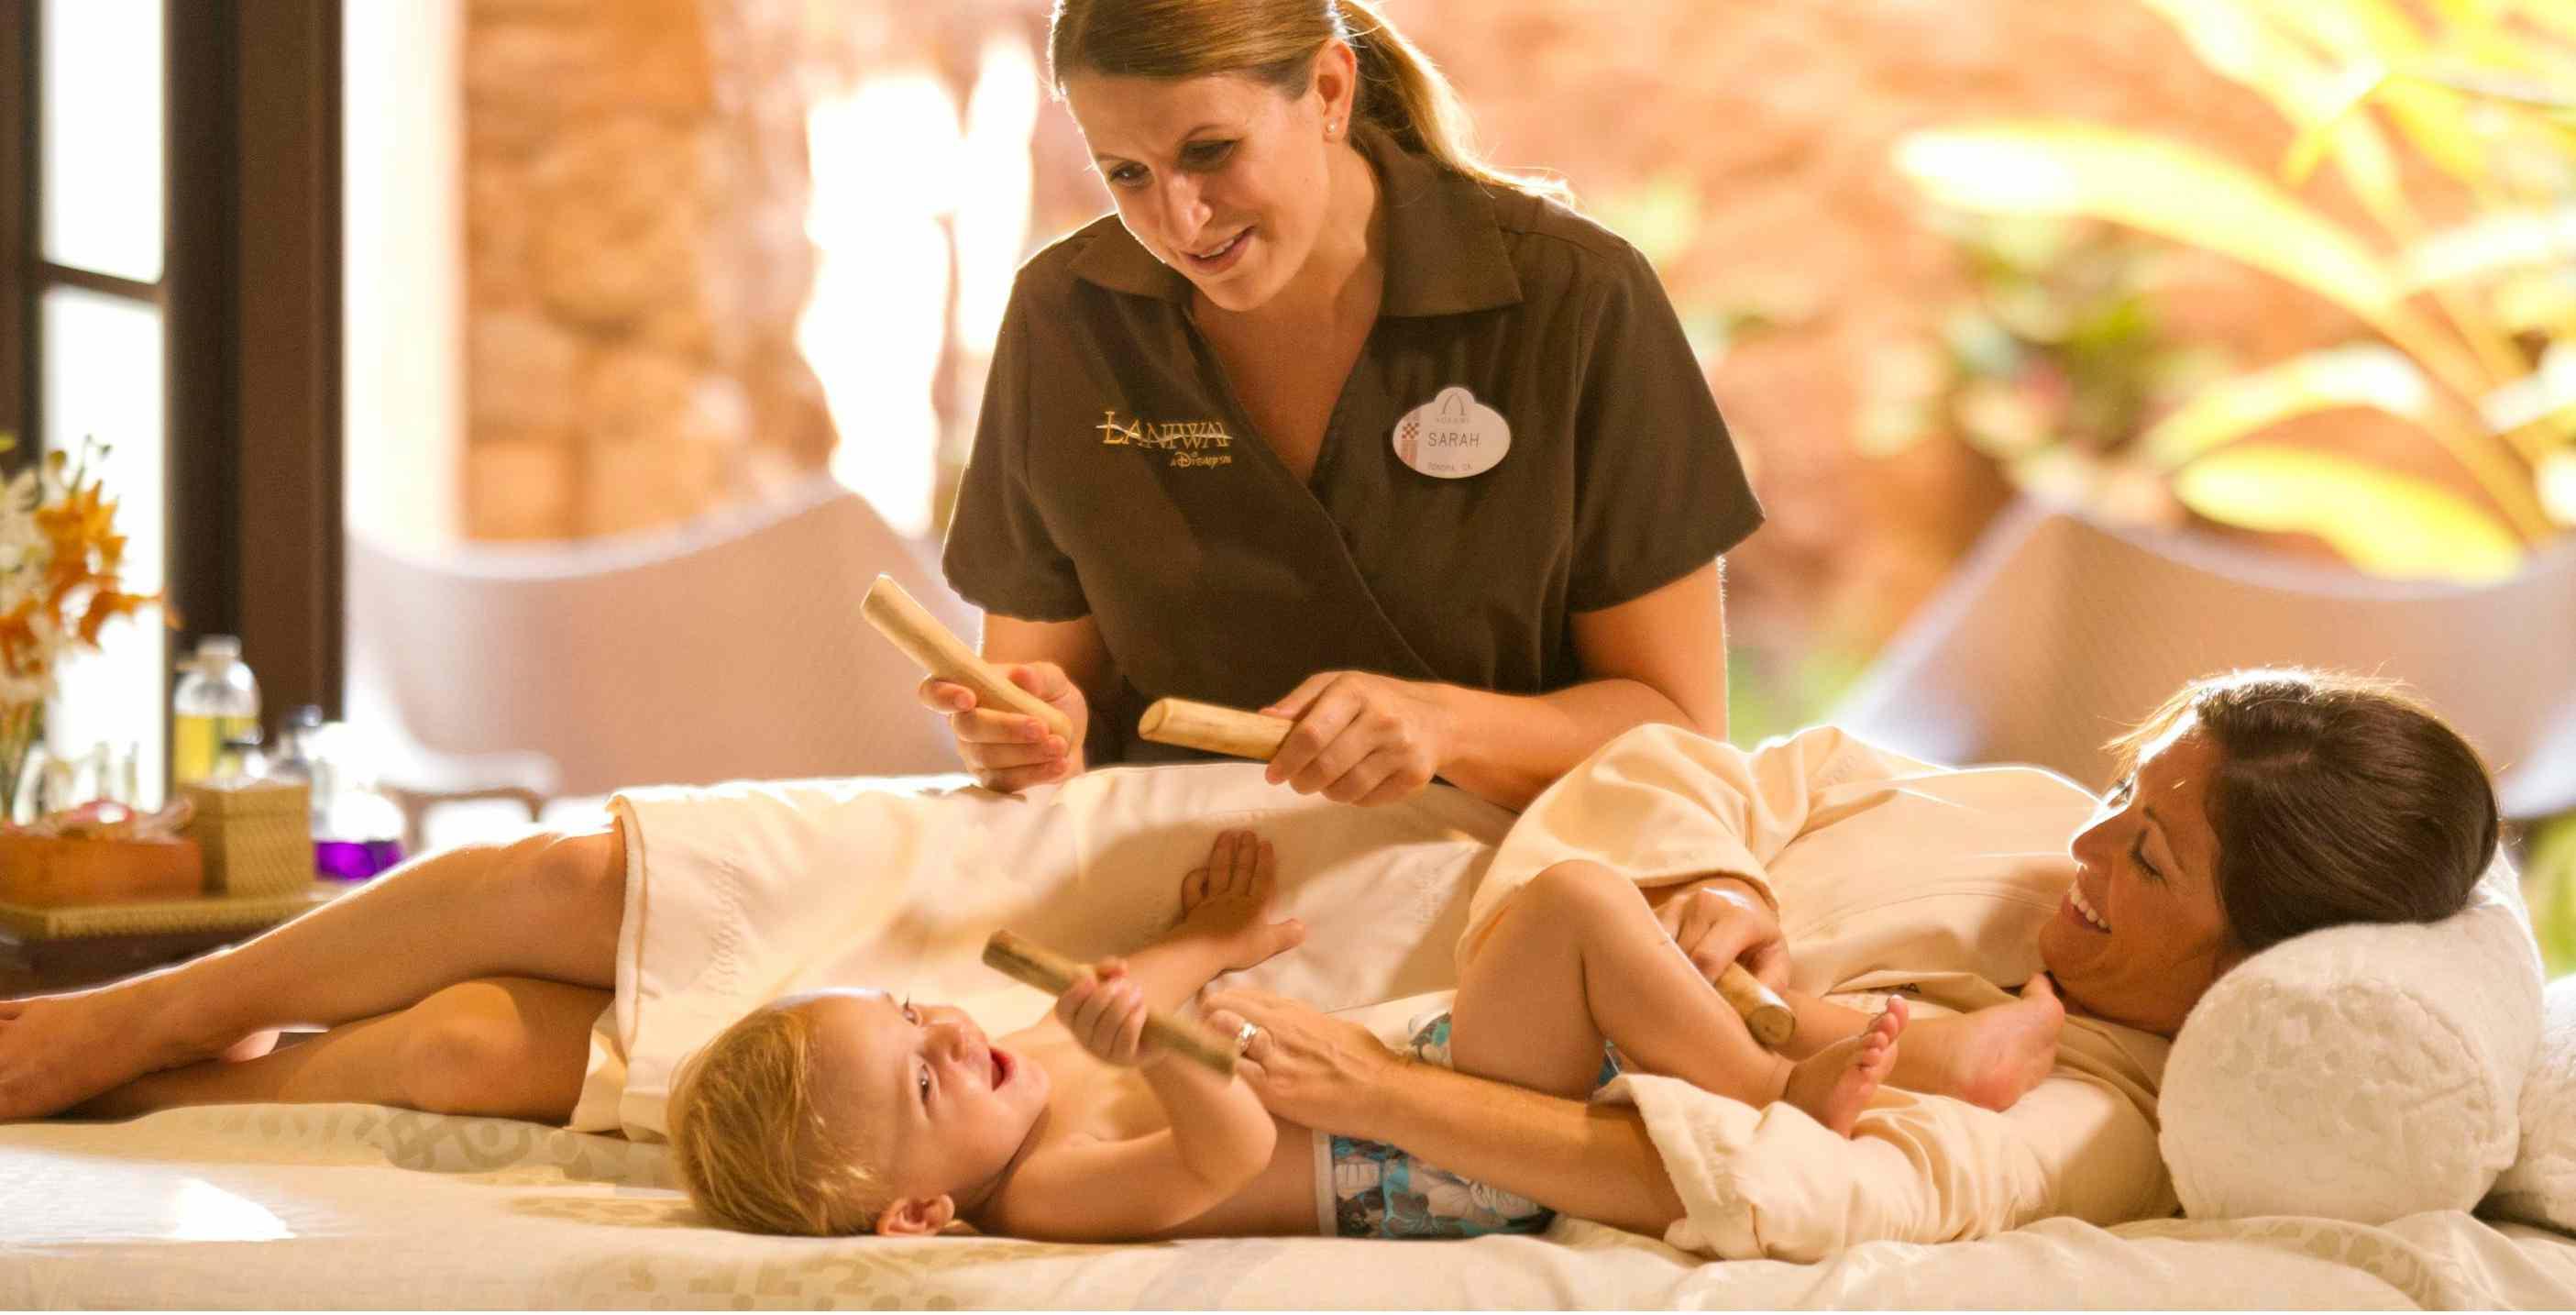 Mother and baby enjoy a massage at the Laniwai Spa at Aulani